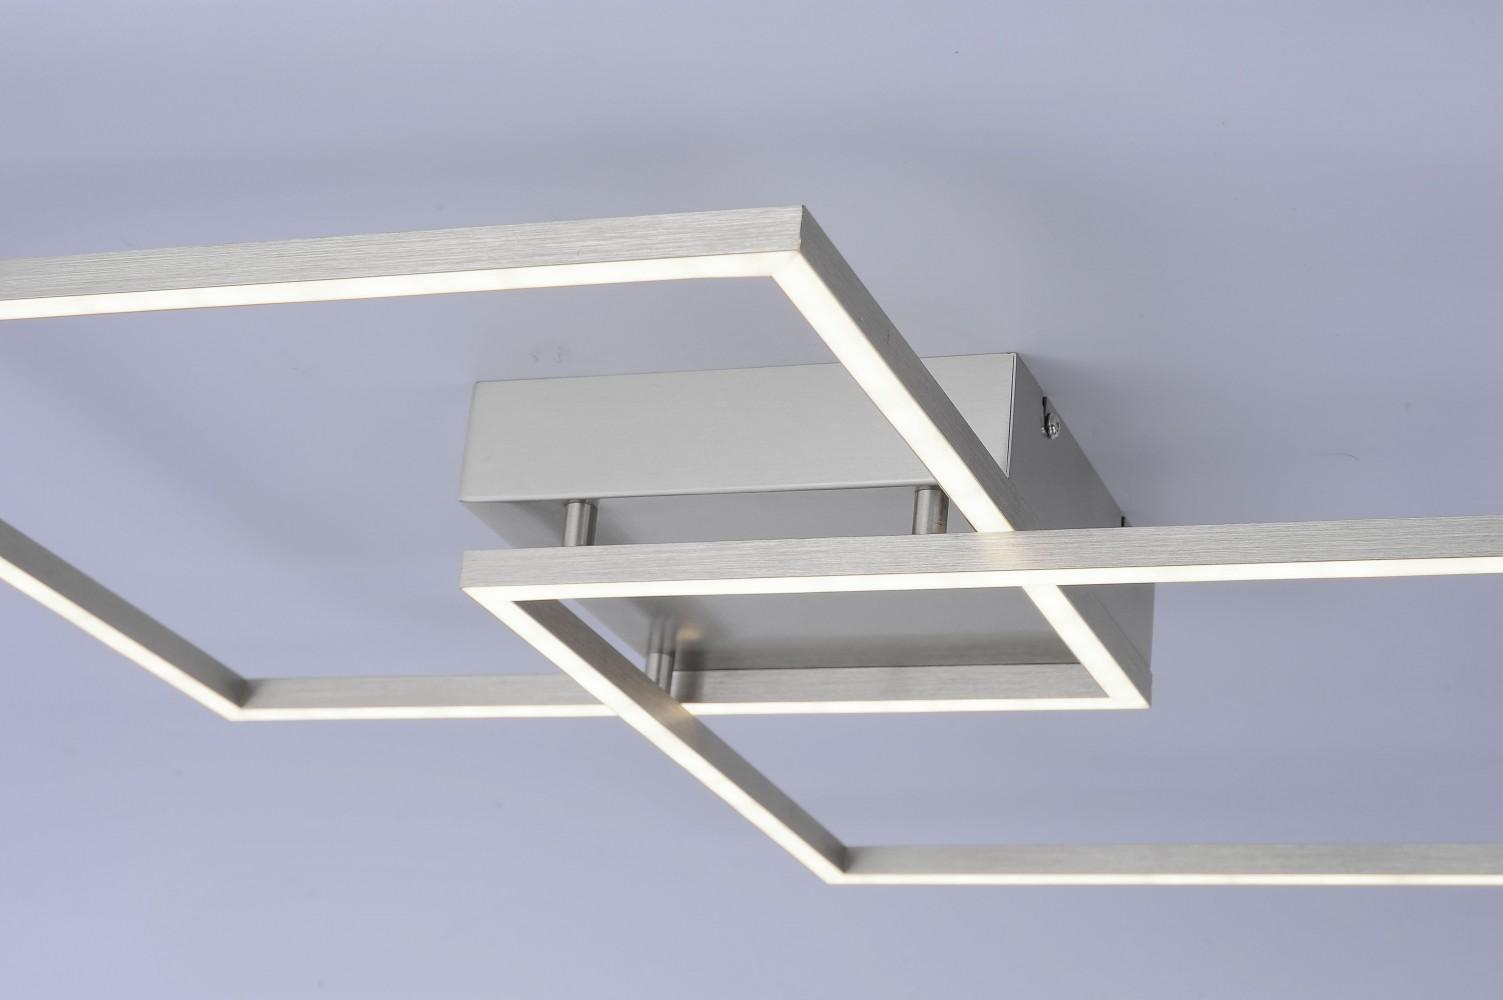 plafonnier led inigo 3520 lm d couvrez luminaires d 39 int rieur jeancel luminaires. Black Bedroom Furniture Sets. Home Design Ideas